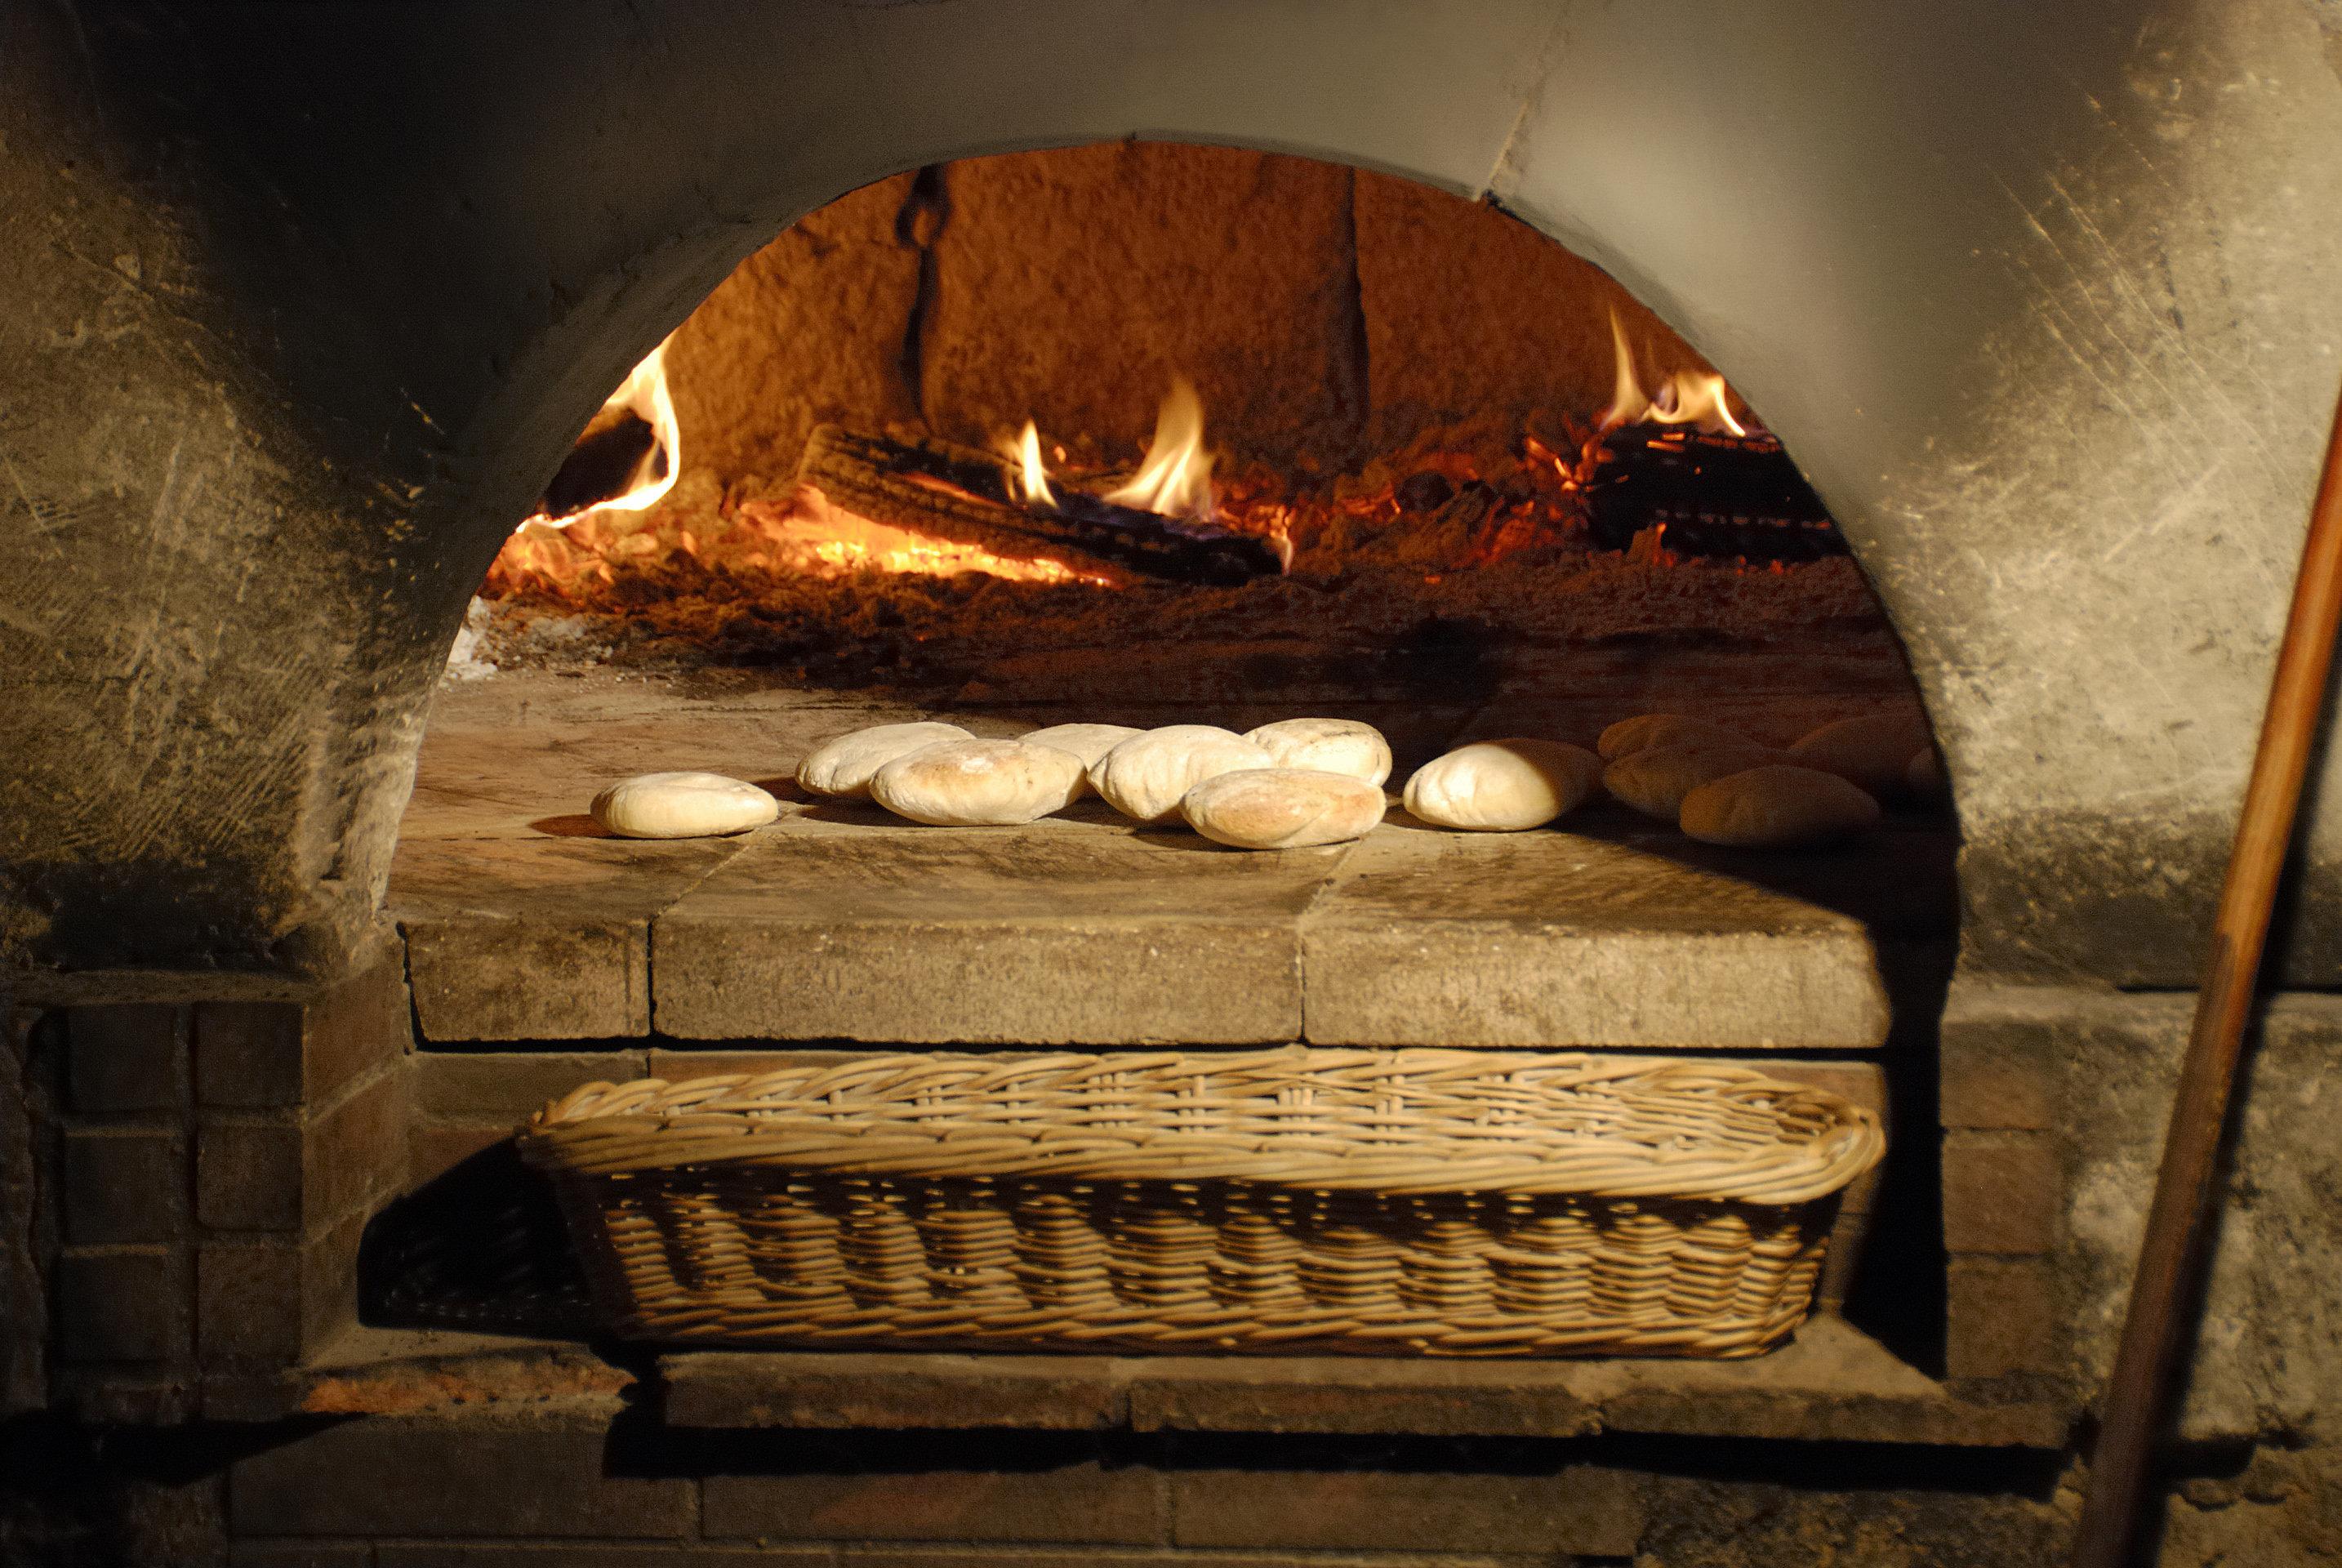 Βρέθηκε η παλαιότερη συνταγή ψωμιού. Πώς το έφτιαχναν πριν από 14.000 χρόνια και τι γεύση